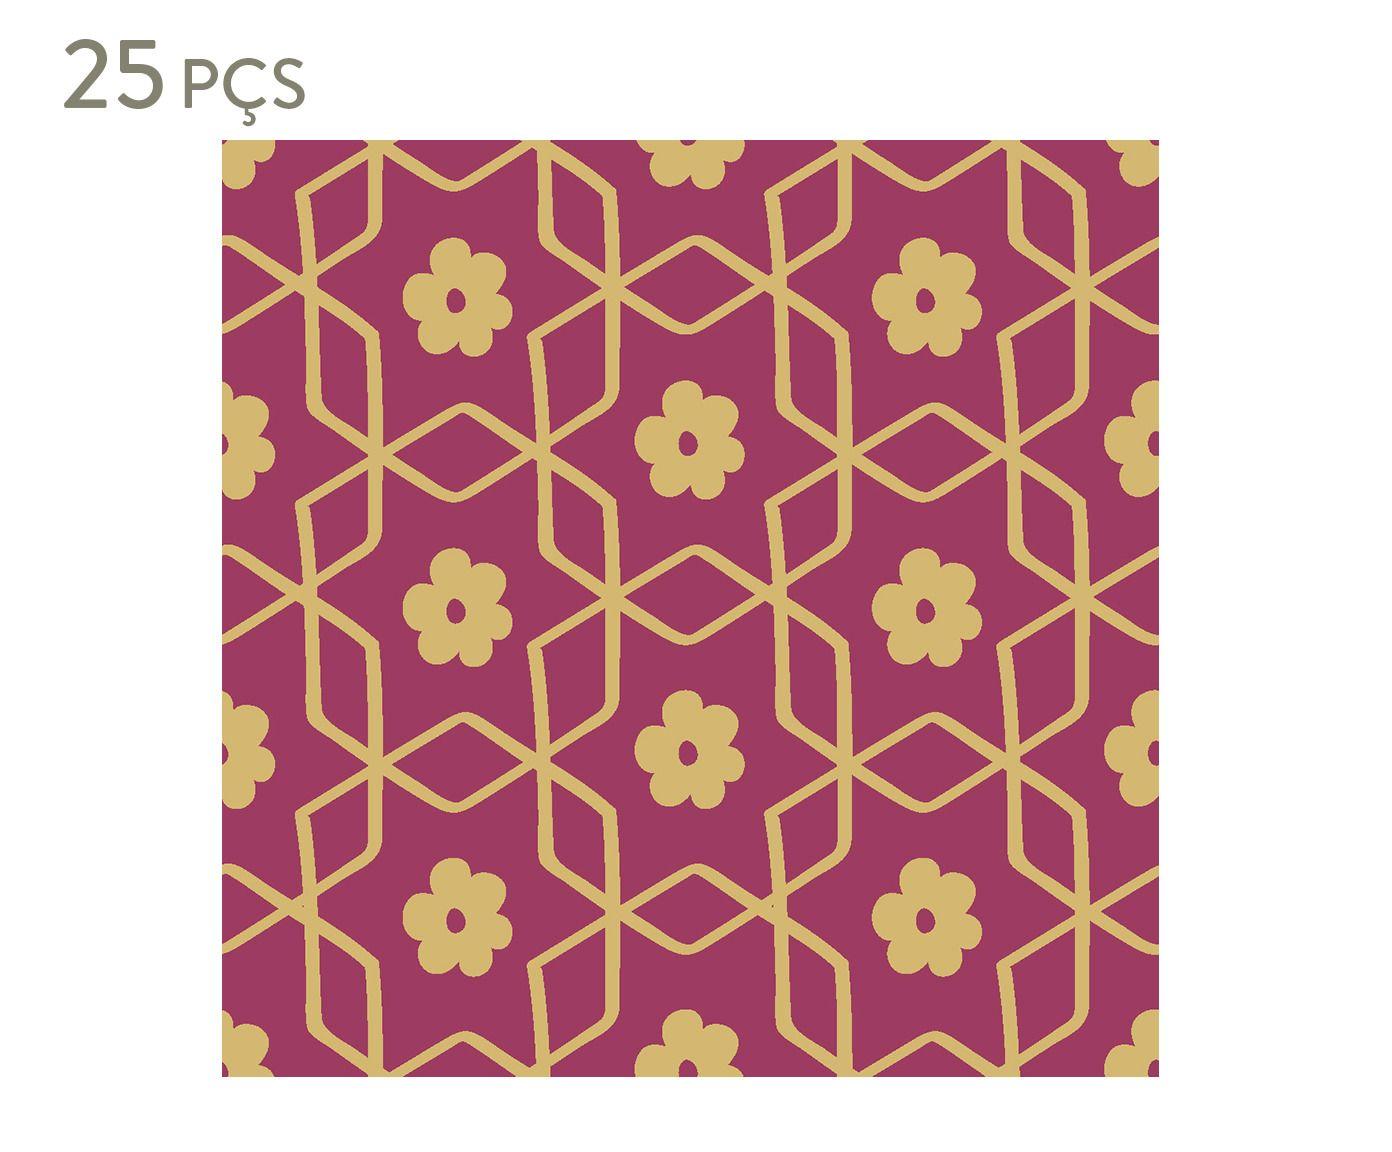 Conjunto de ladrilhos adesivos ermean - 15 cm   Westwing.com.br